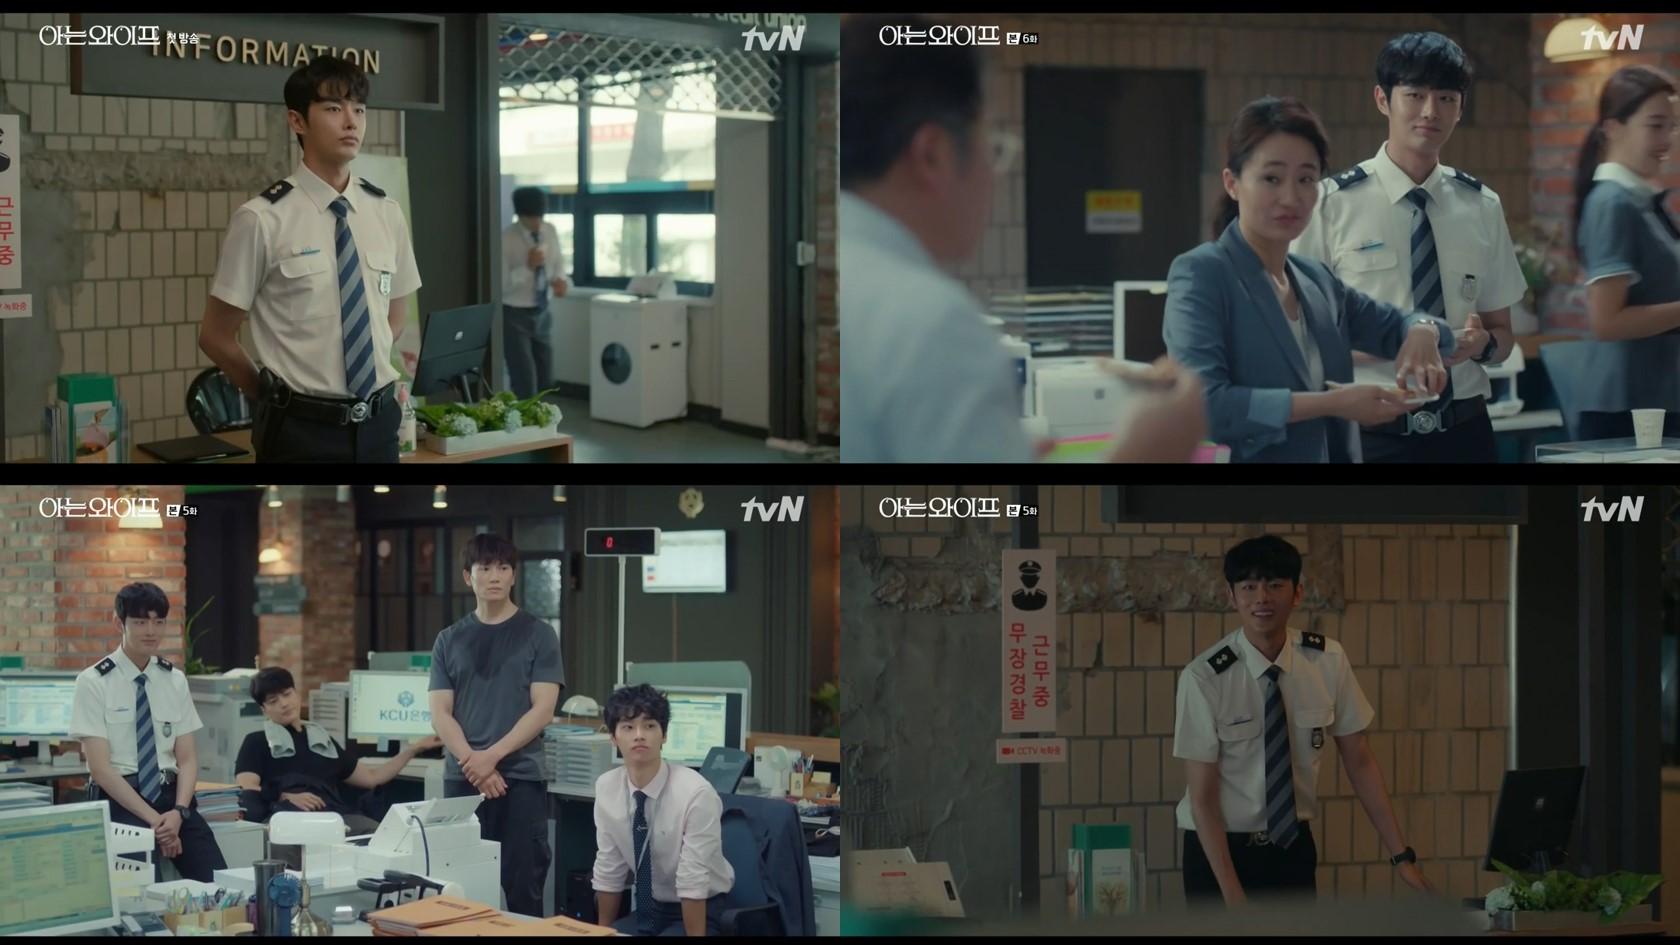 강희, tvN '아는 와이프' 청원경찰 정민수 압도적인 비주얼